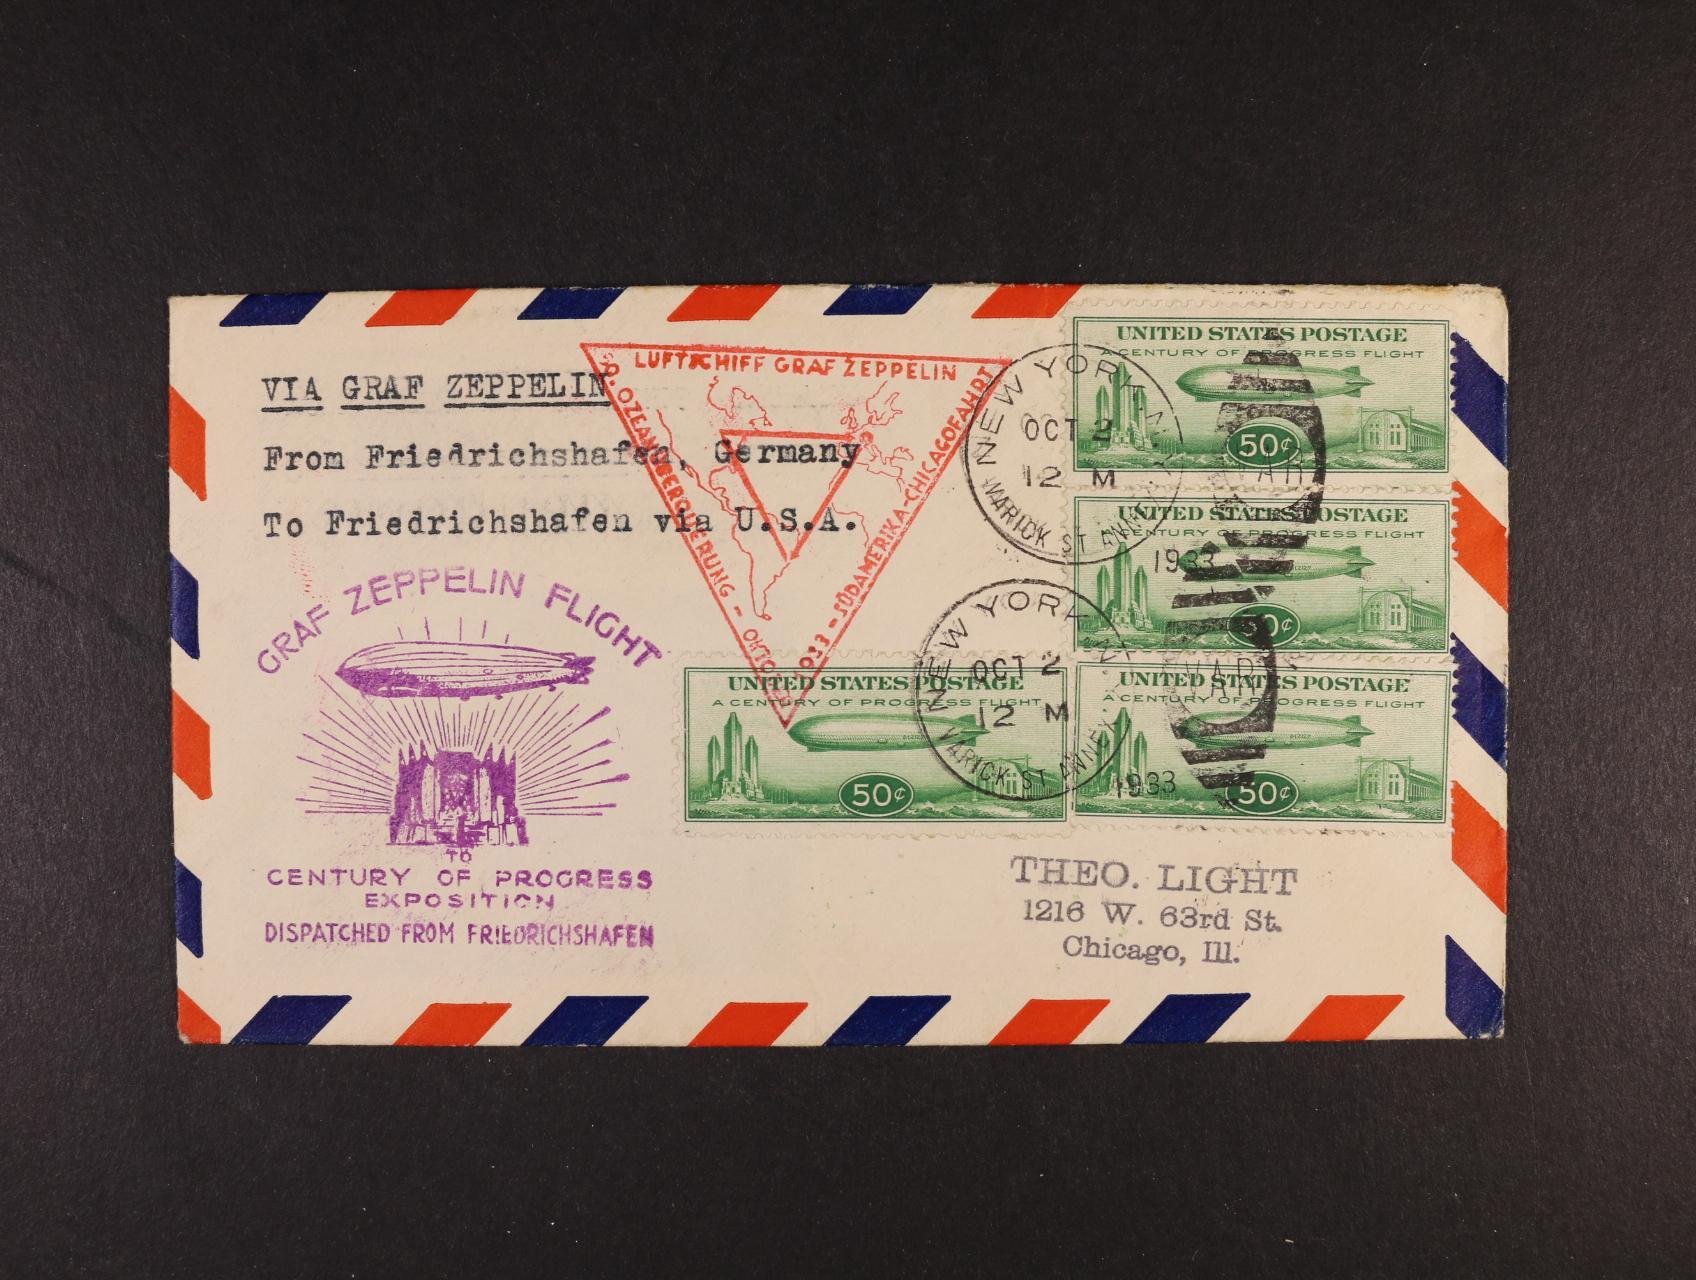 USA - celistvost přepr. zepp. letem S.A.F. - Chicagofahrt frank. násobnou frankaturou zn. Mi. č. 358 (4x), pod. raz. NEW YORK 2.OCT.1933 + červený a fialový trojúhelník. let. kašet, průch. a přích. raz., velmi dobrá kvalita, zajímavé